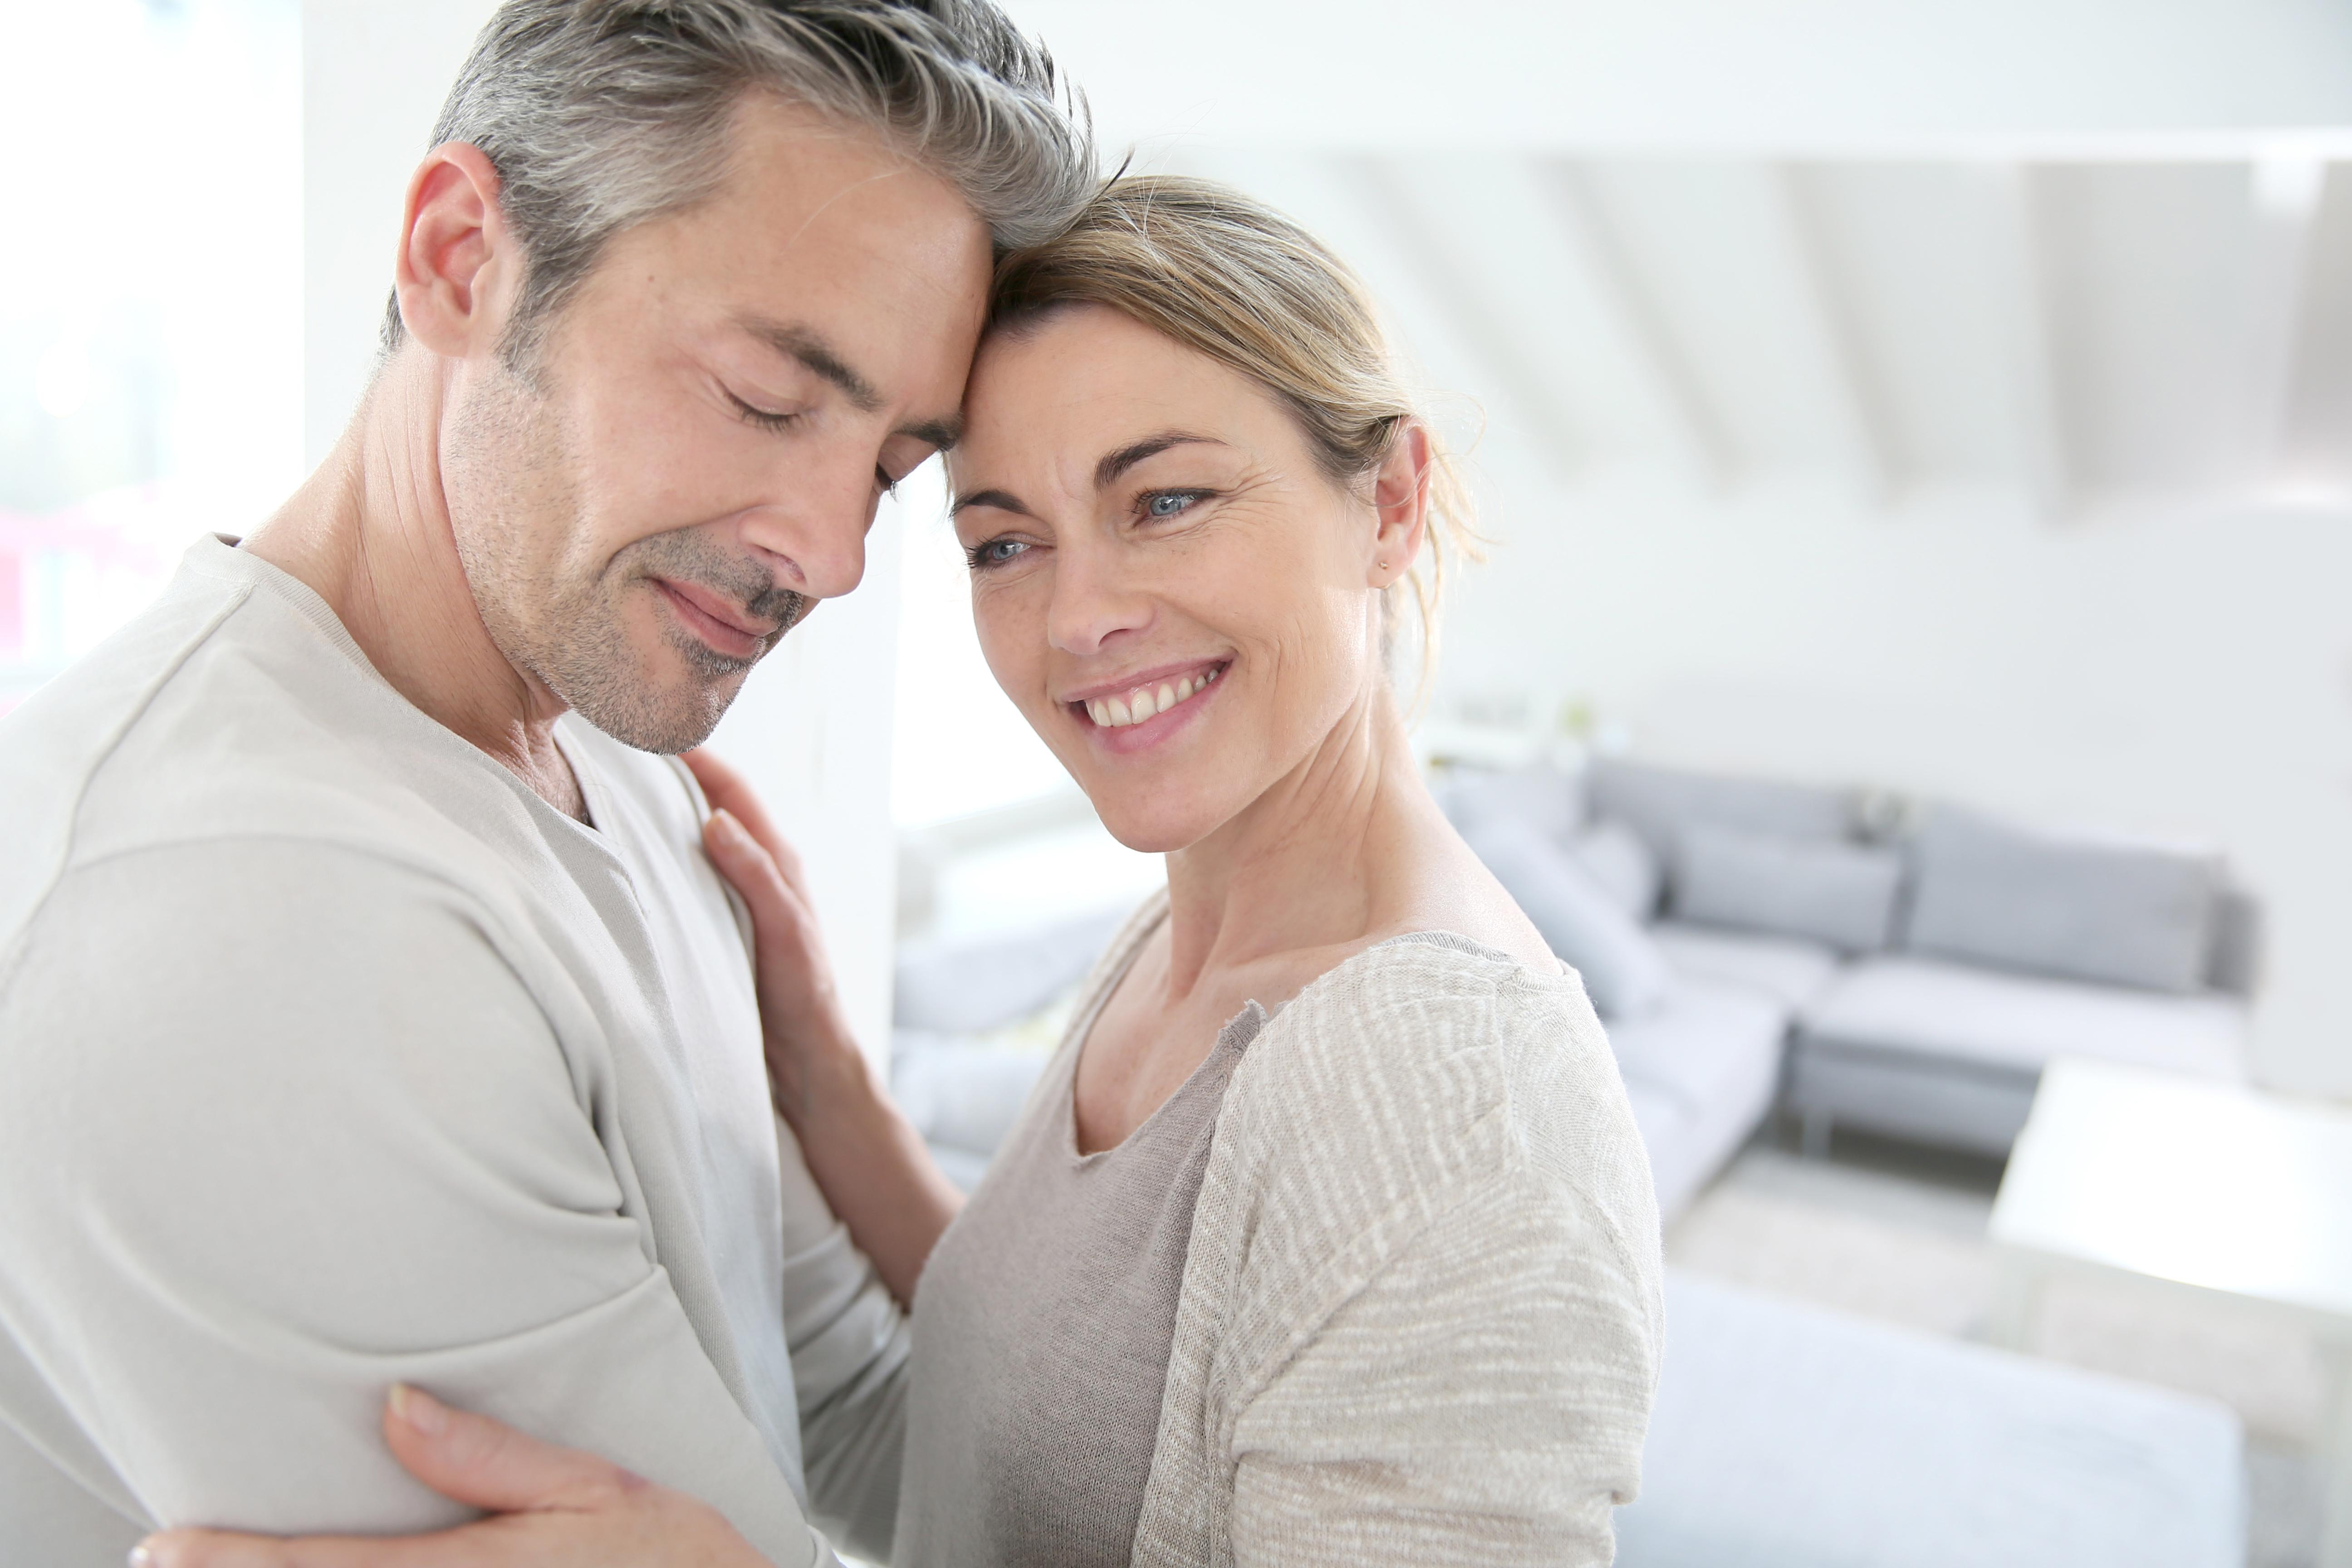 chodit s mužem nad 55 let ložnice datování